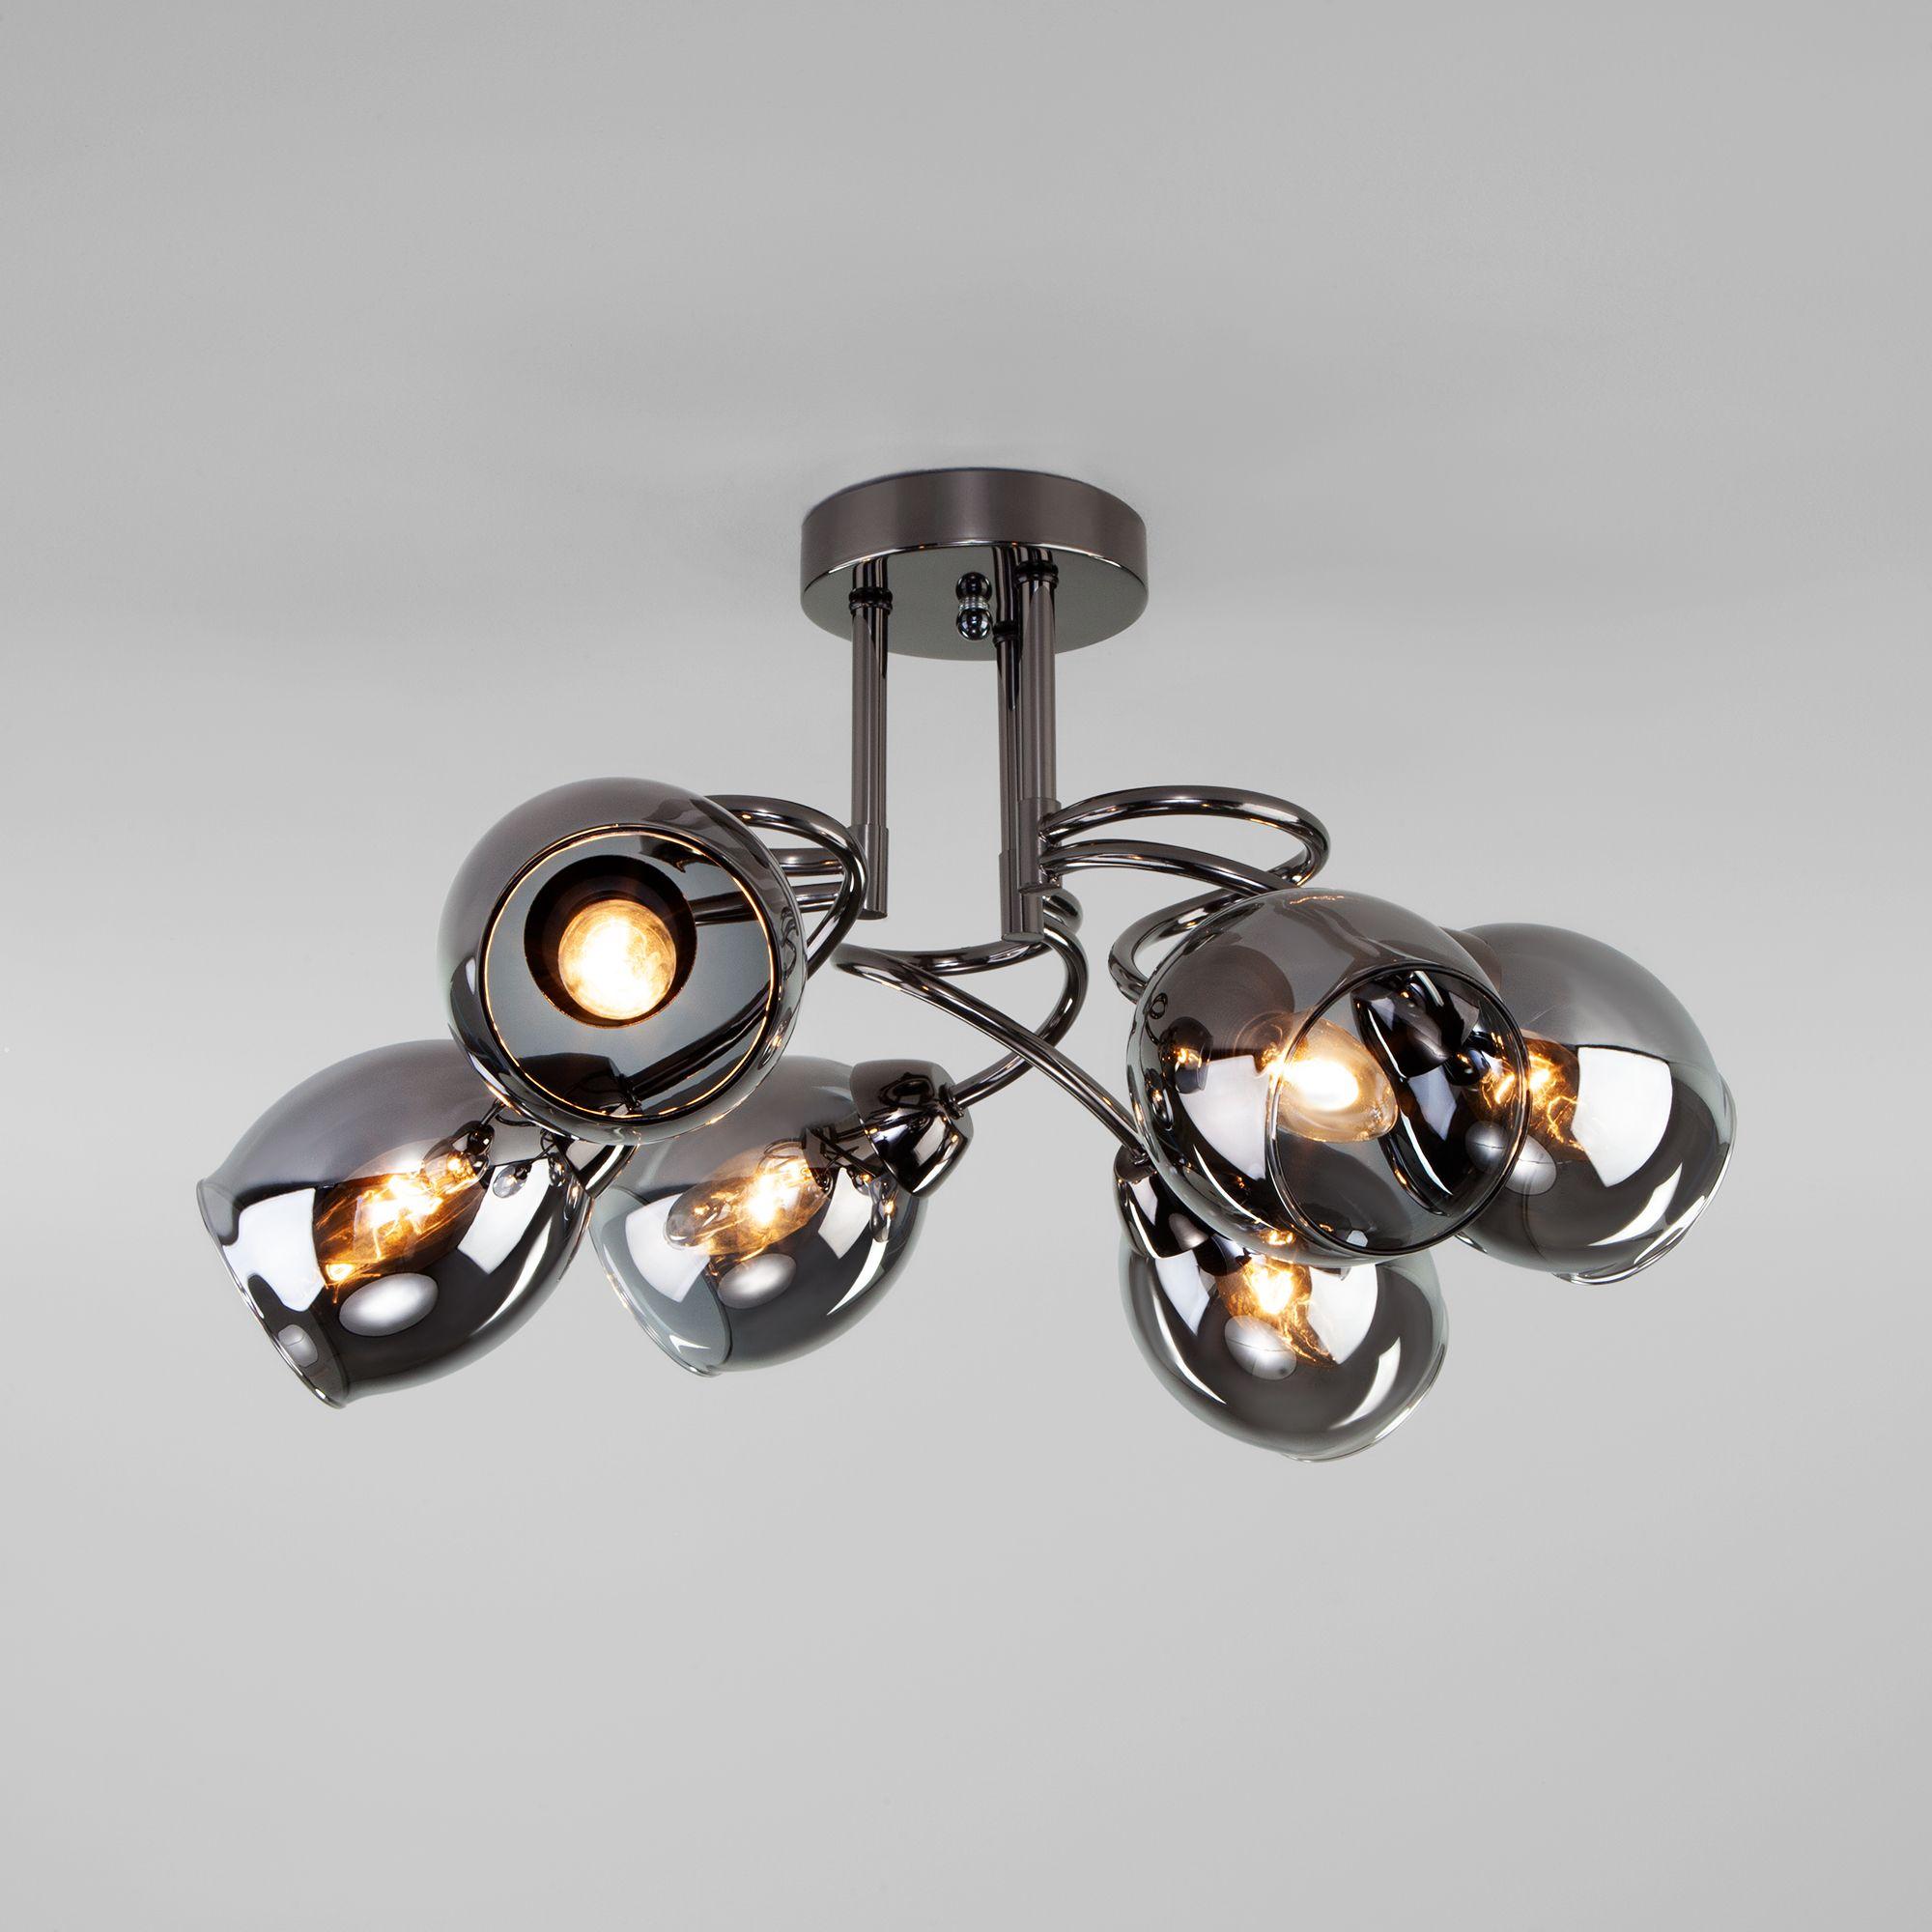 Потолочная люстра со стеклянными плафонами 30171/6 черный жемчуг